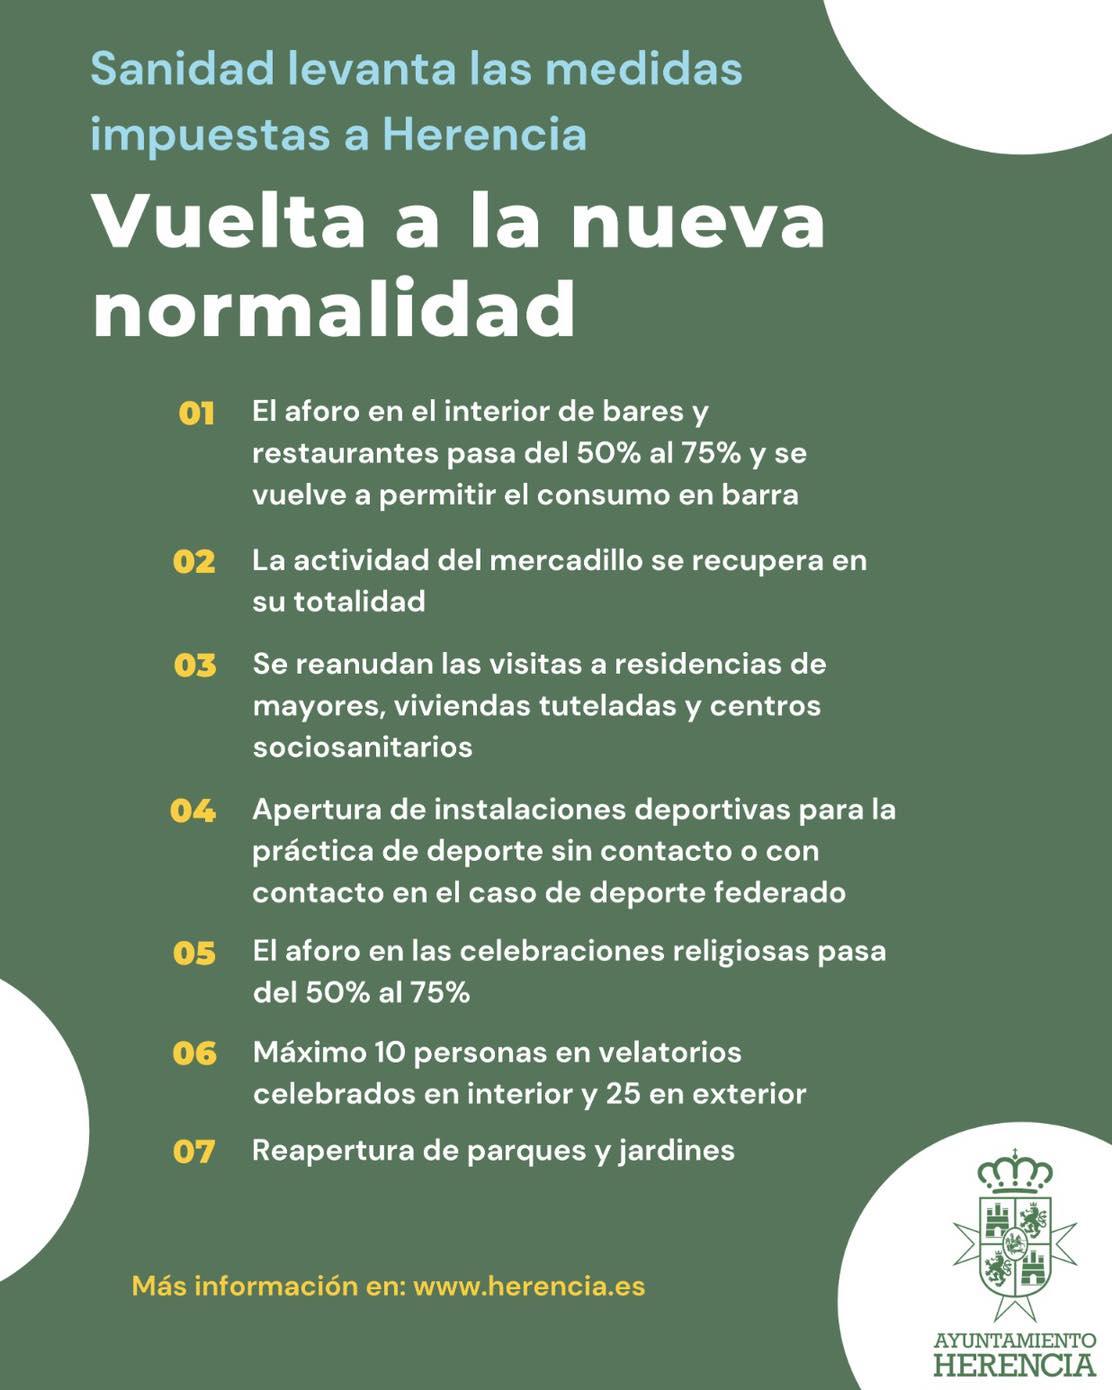 vuelta a la normalidad en Herencia - ¿Qué se puede hacer en Herencia tras el levantamiento de las medidas especiales?